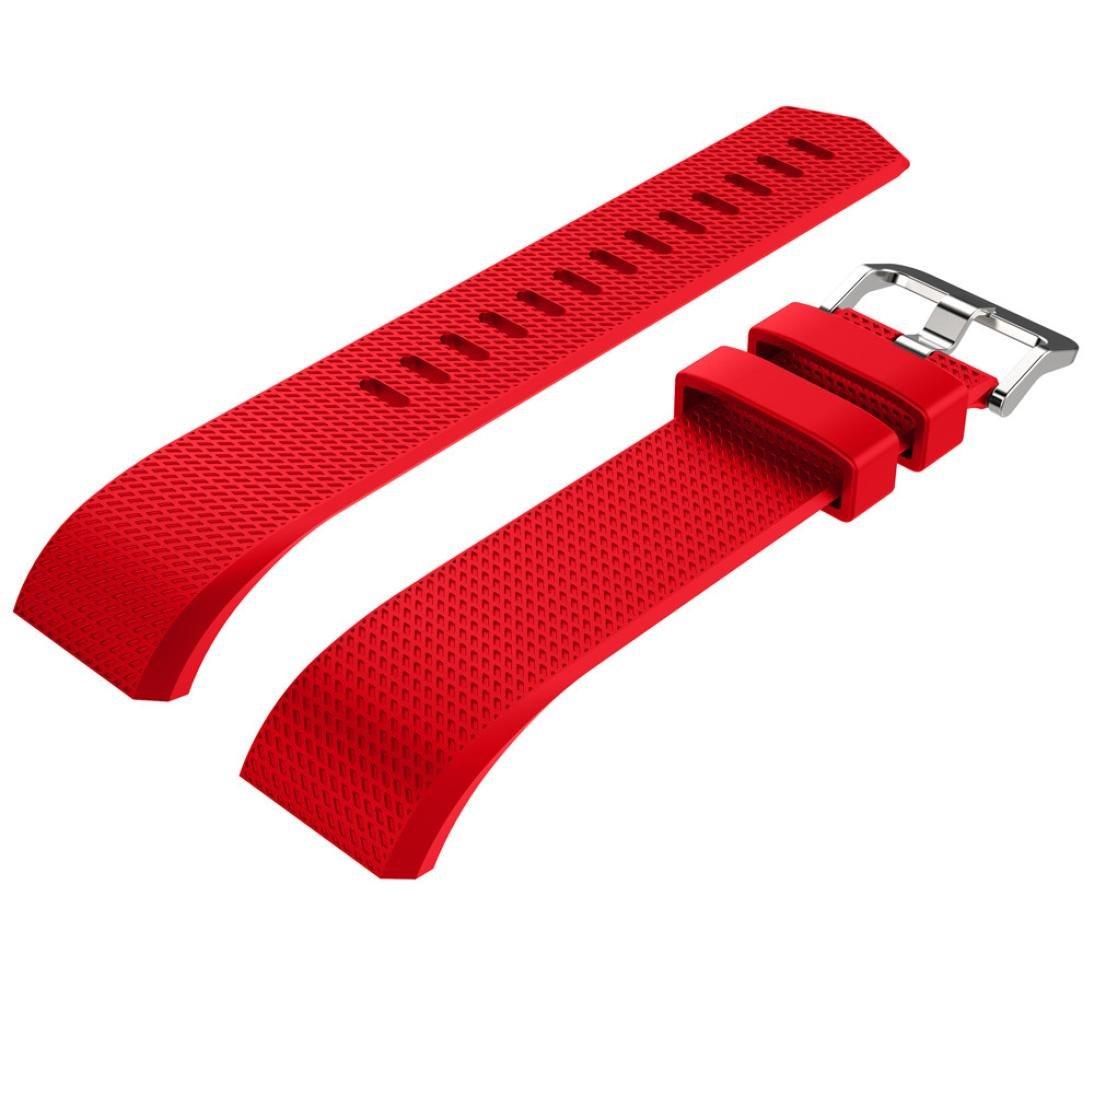 シリコンストラップ、RTYOu ( TM )ライトカラー新しいファッションスポーツシリコンブレスレットストラップバンドfor Fitbit Charge 2  レッド B077X6YS7G